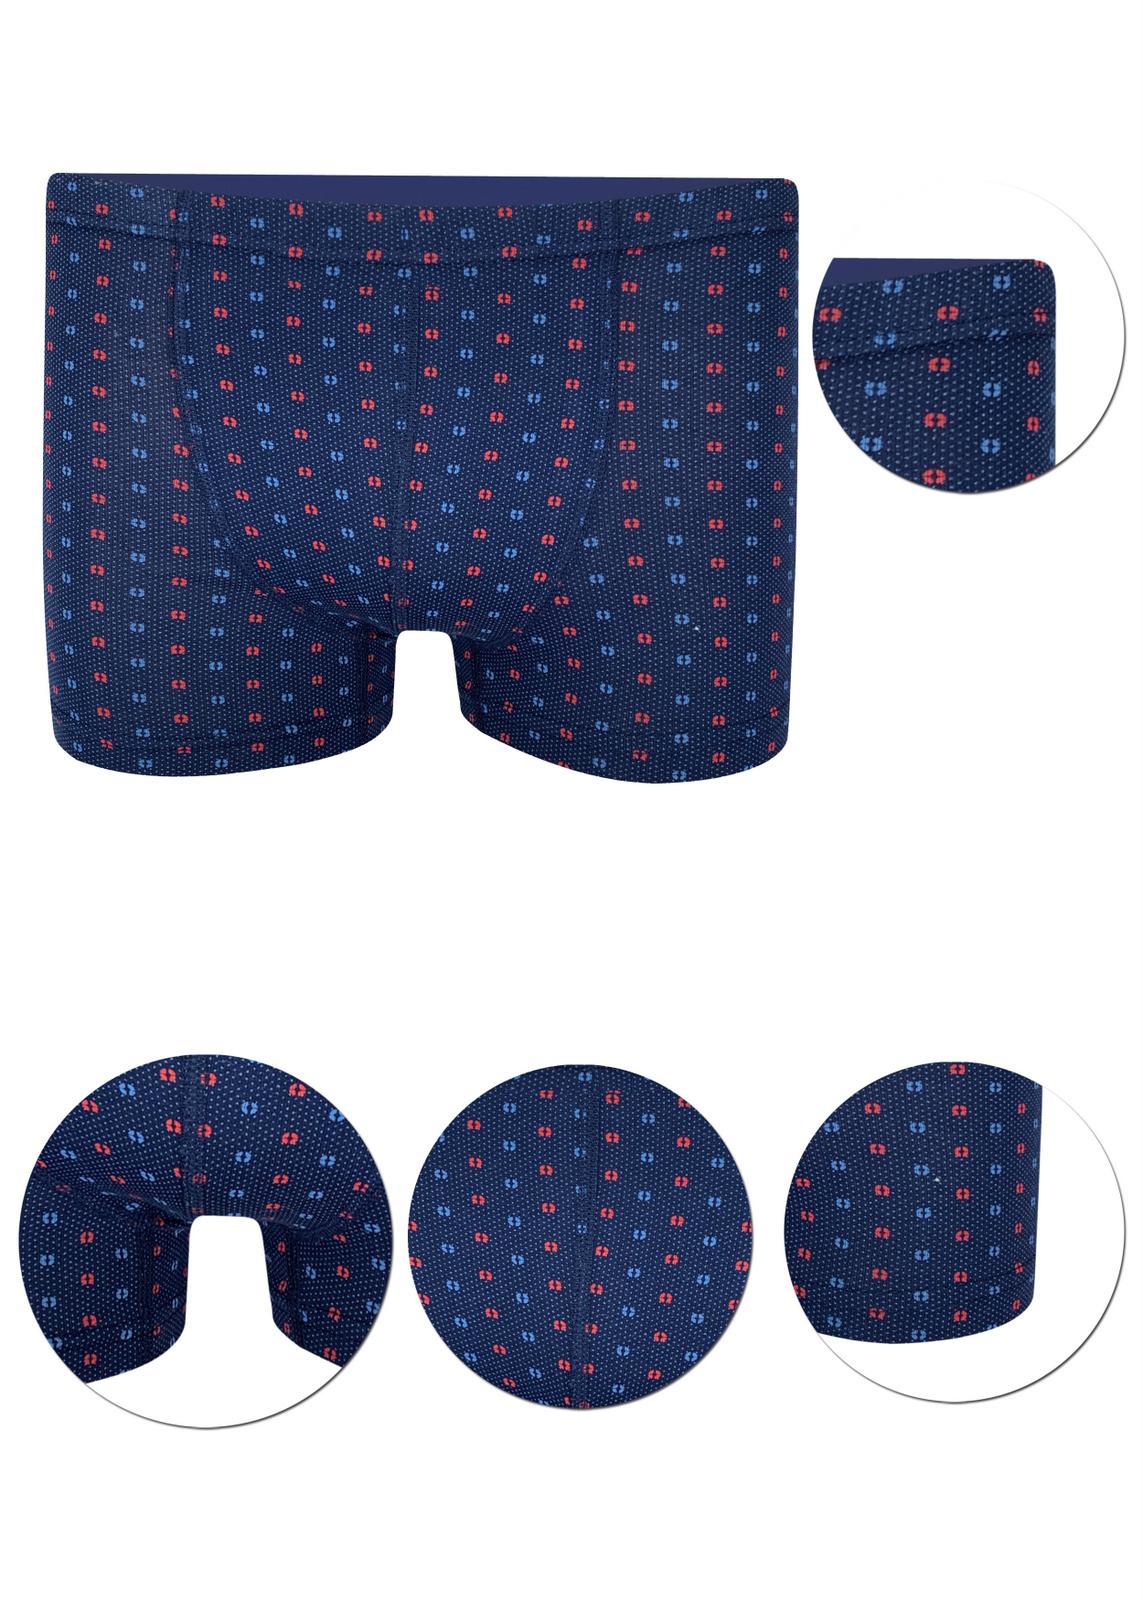 10-Jungen-Boxershorts-Baumwolle-Unterhose-Unterwaesche-Unterhosen-Slips-Slip Indexbild 4